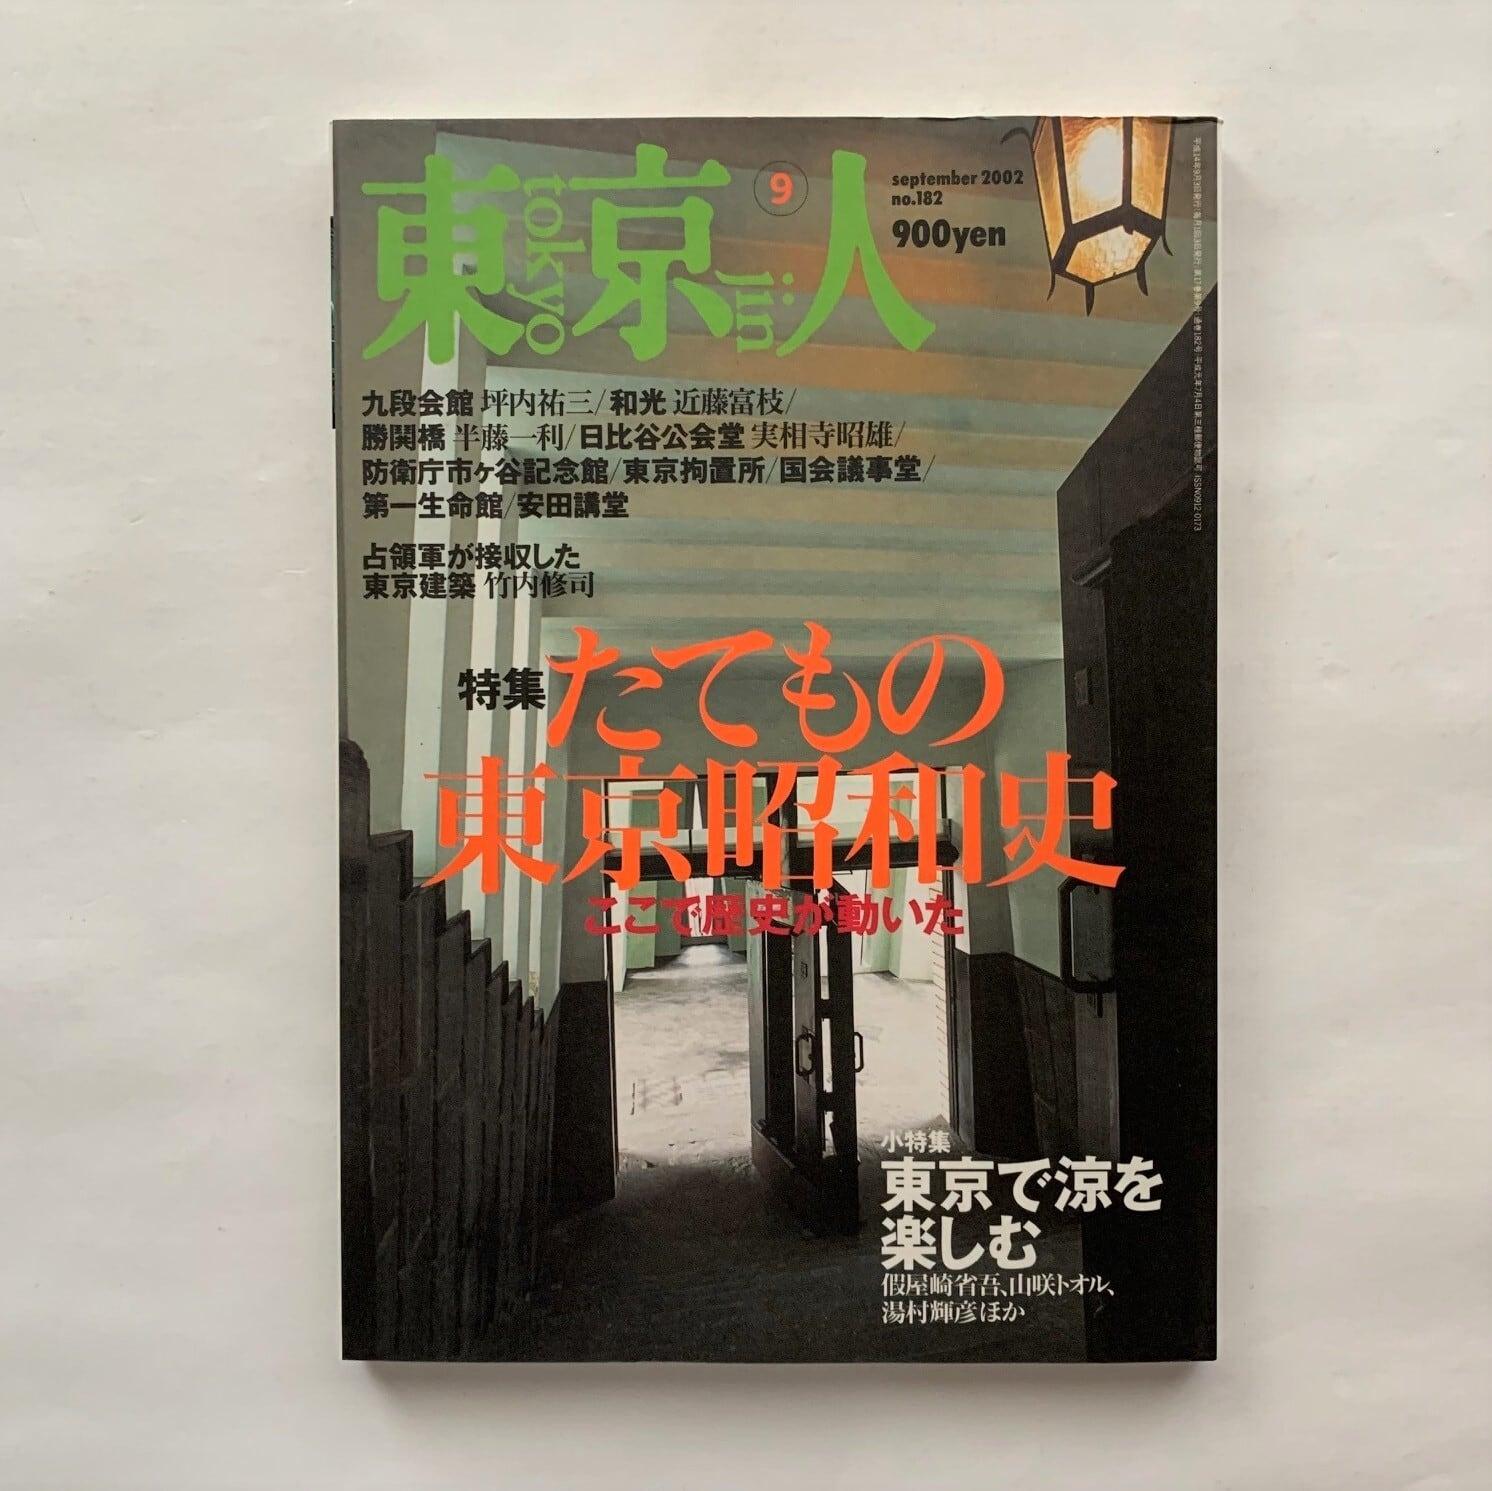 たてもの東京昭和史 / 東京人 / 2001年9月号  / no.182